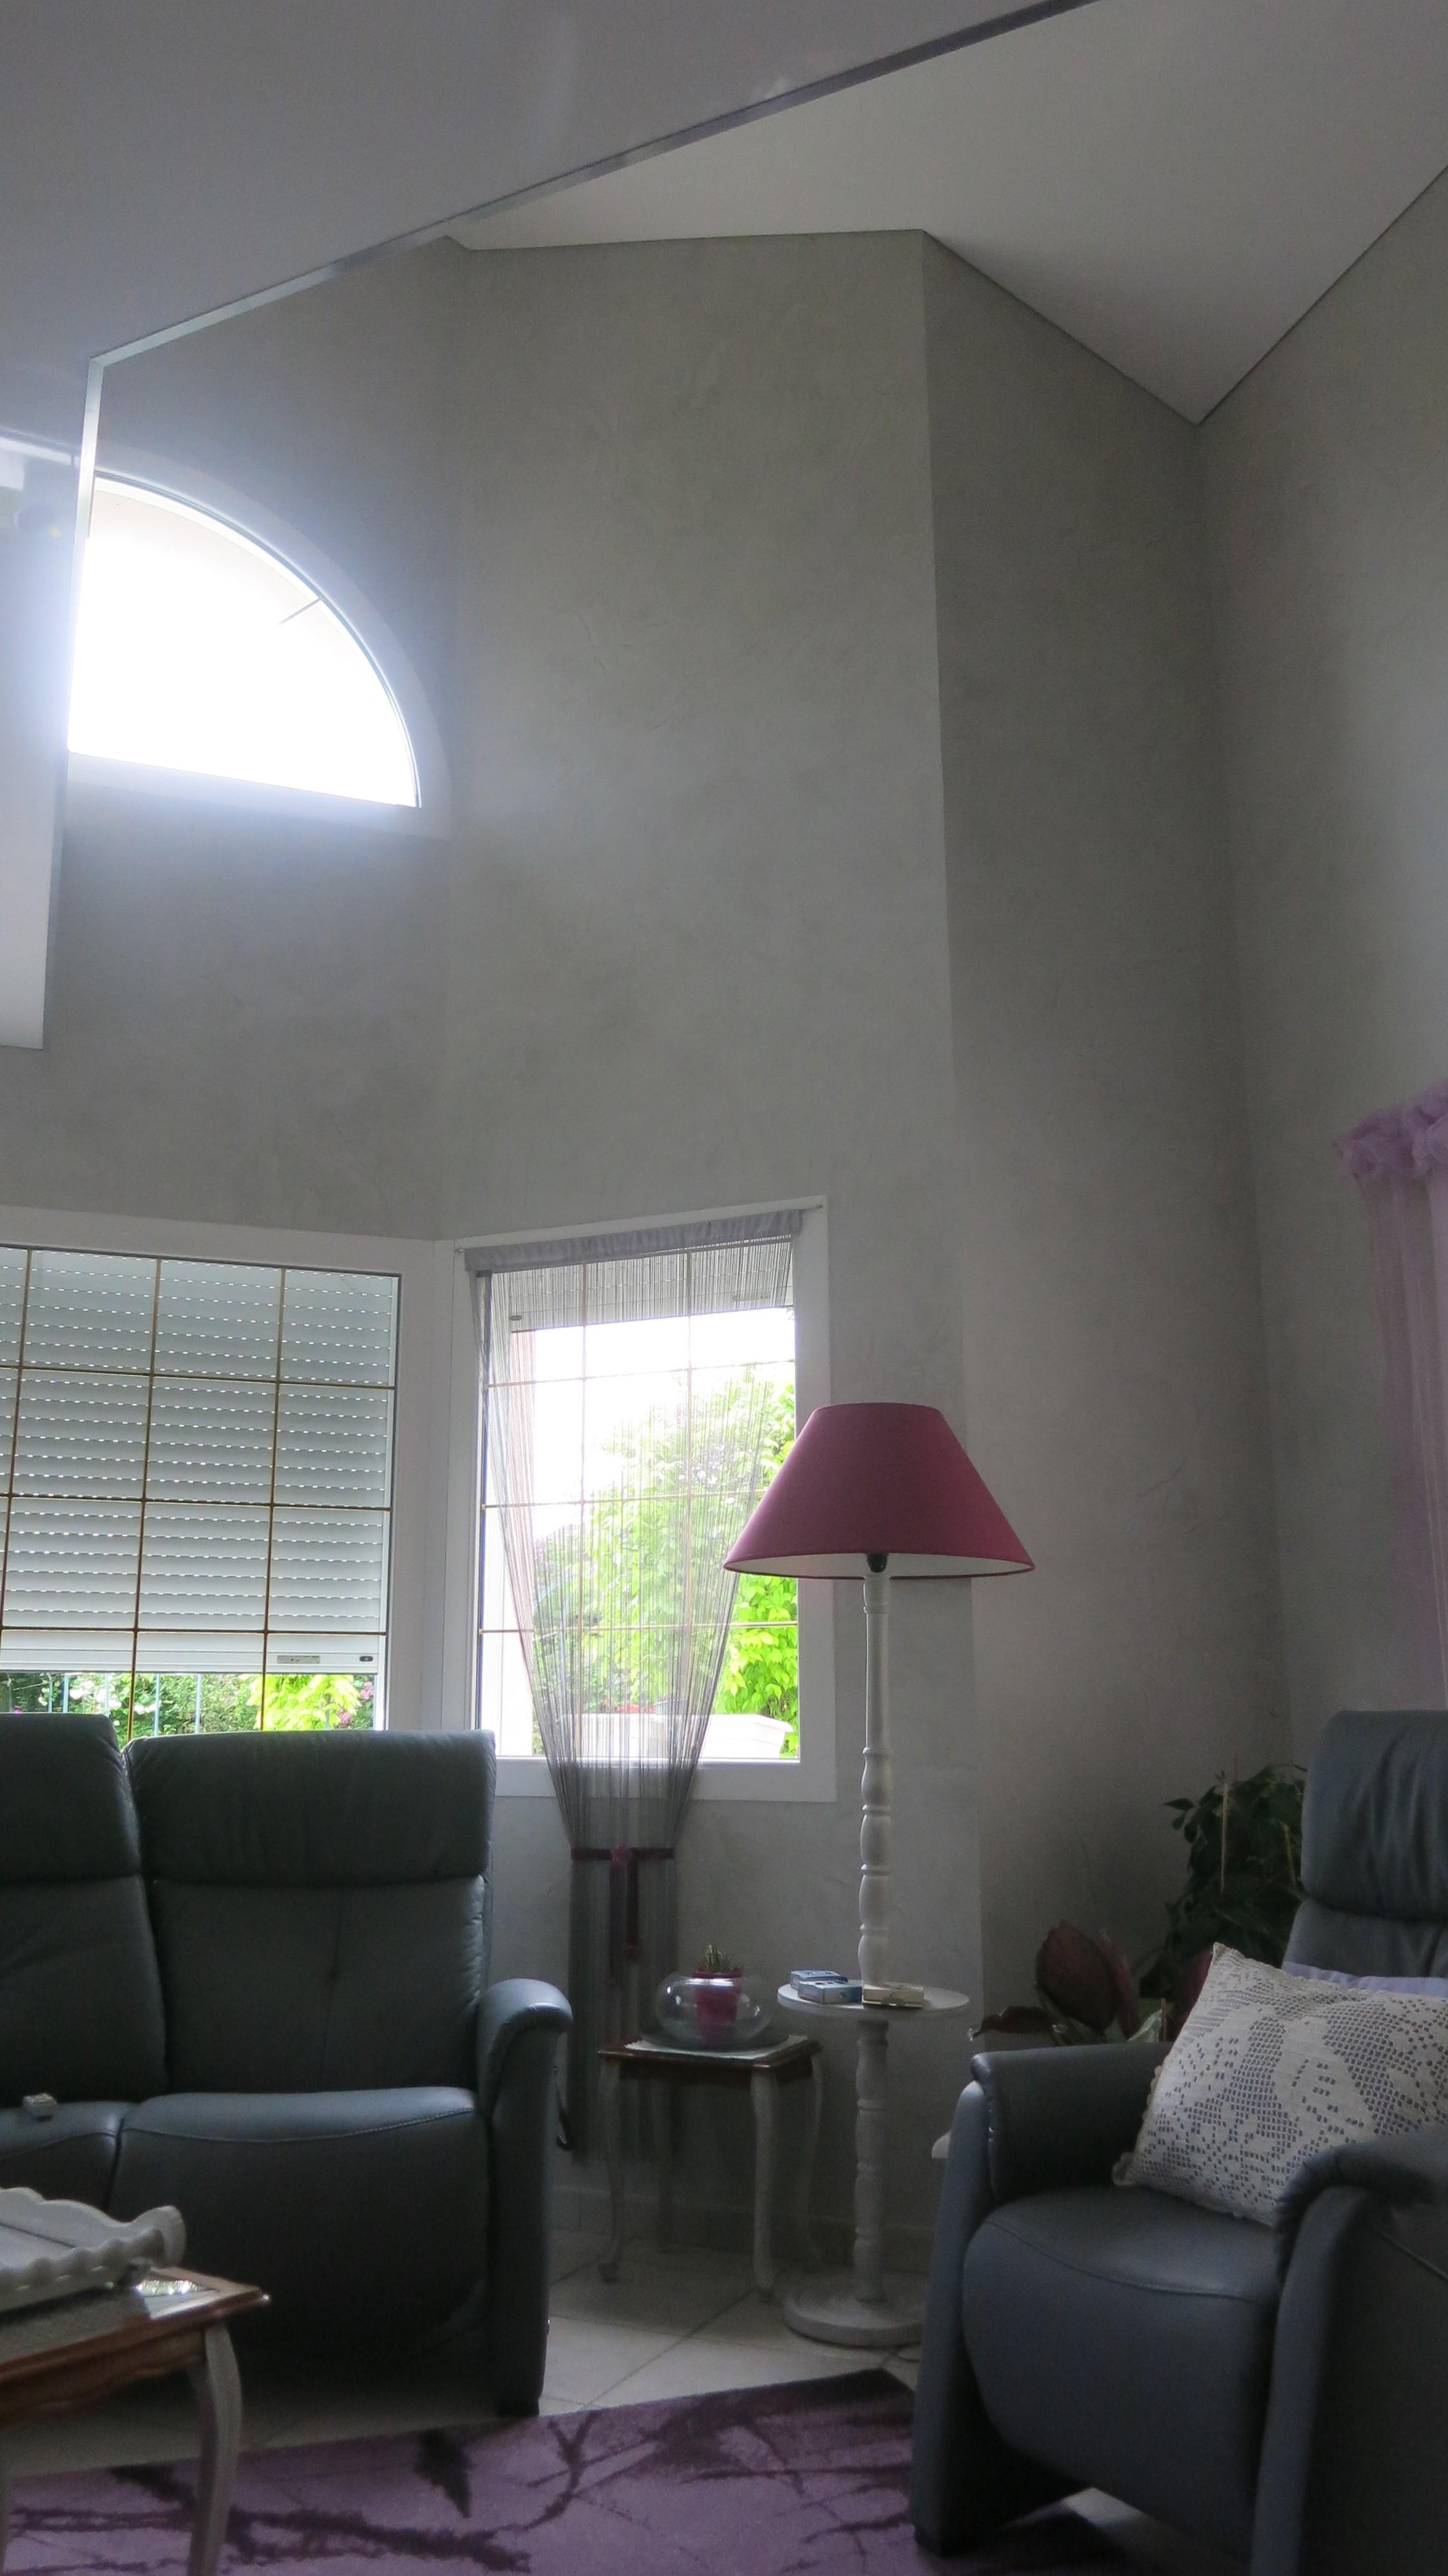 Plafonds tendus voiron grenoble isere for Plafond en stucco